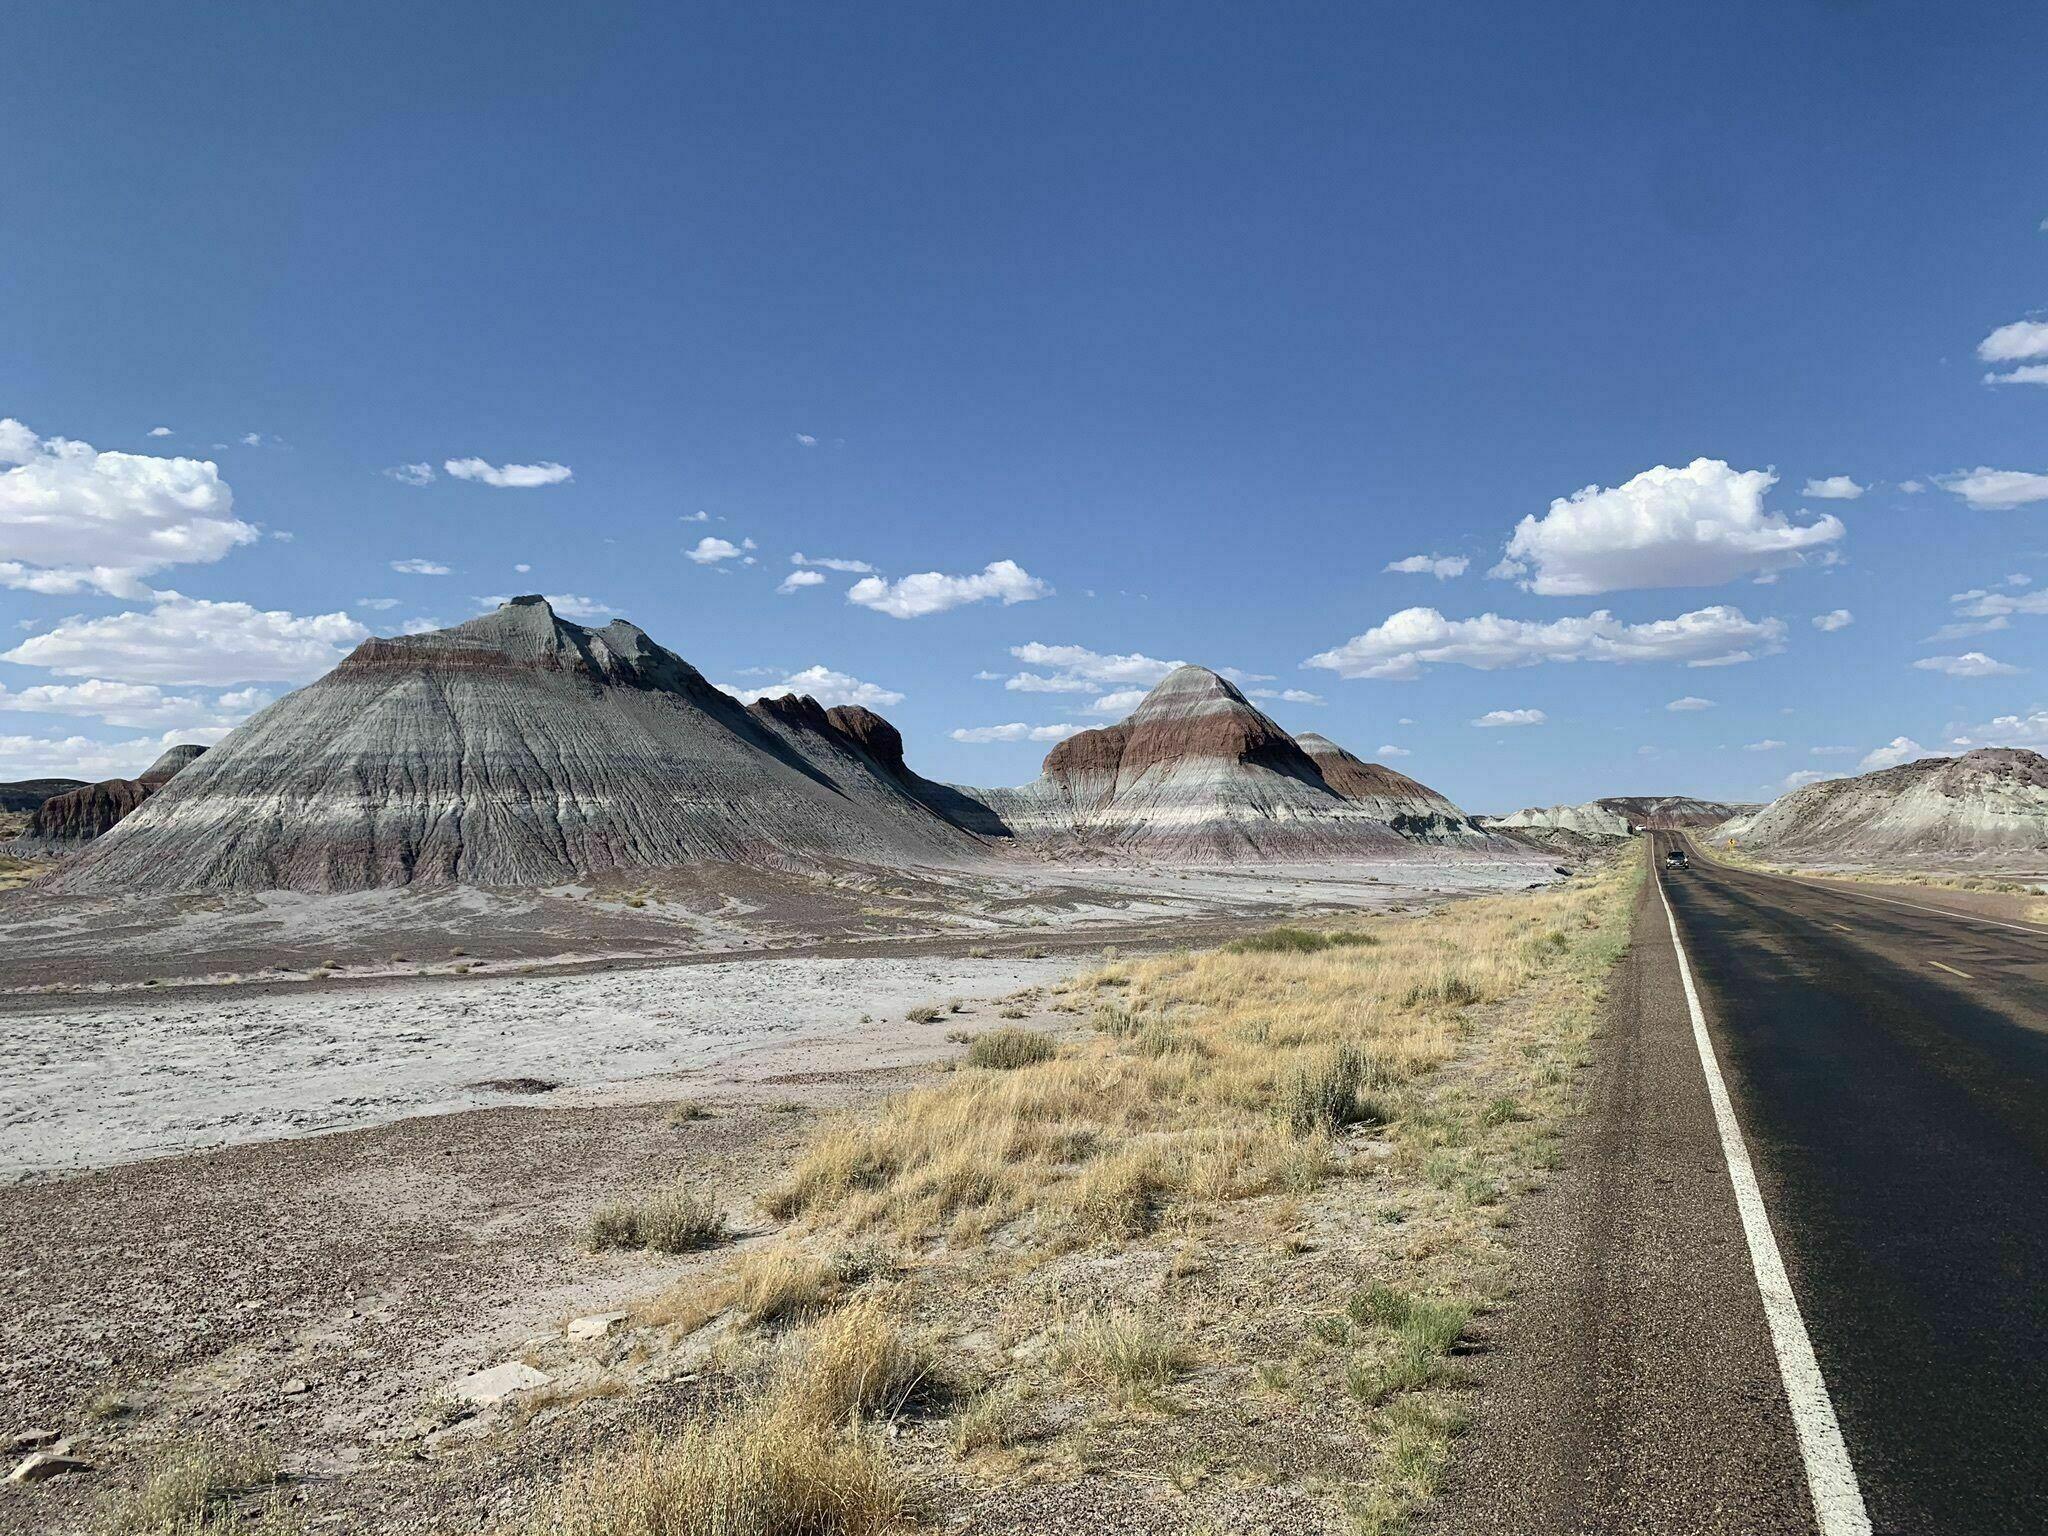 Everyone In Arizona Should Take This Underappreciated Scenic Drive